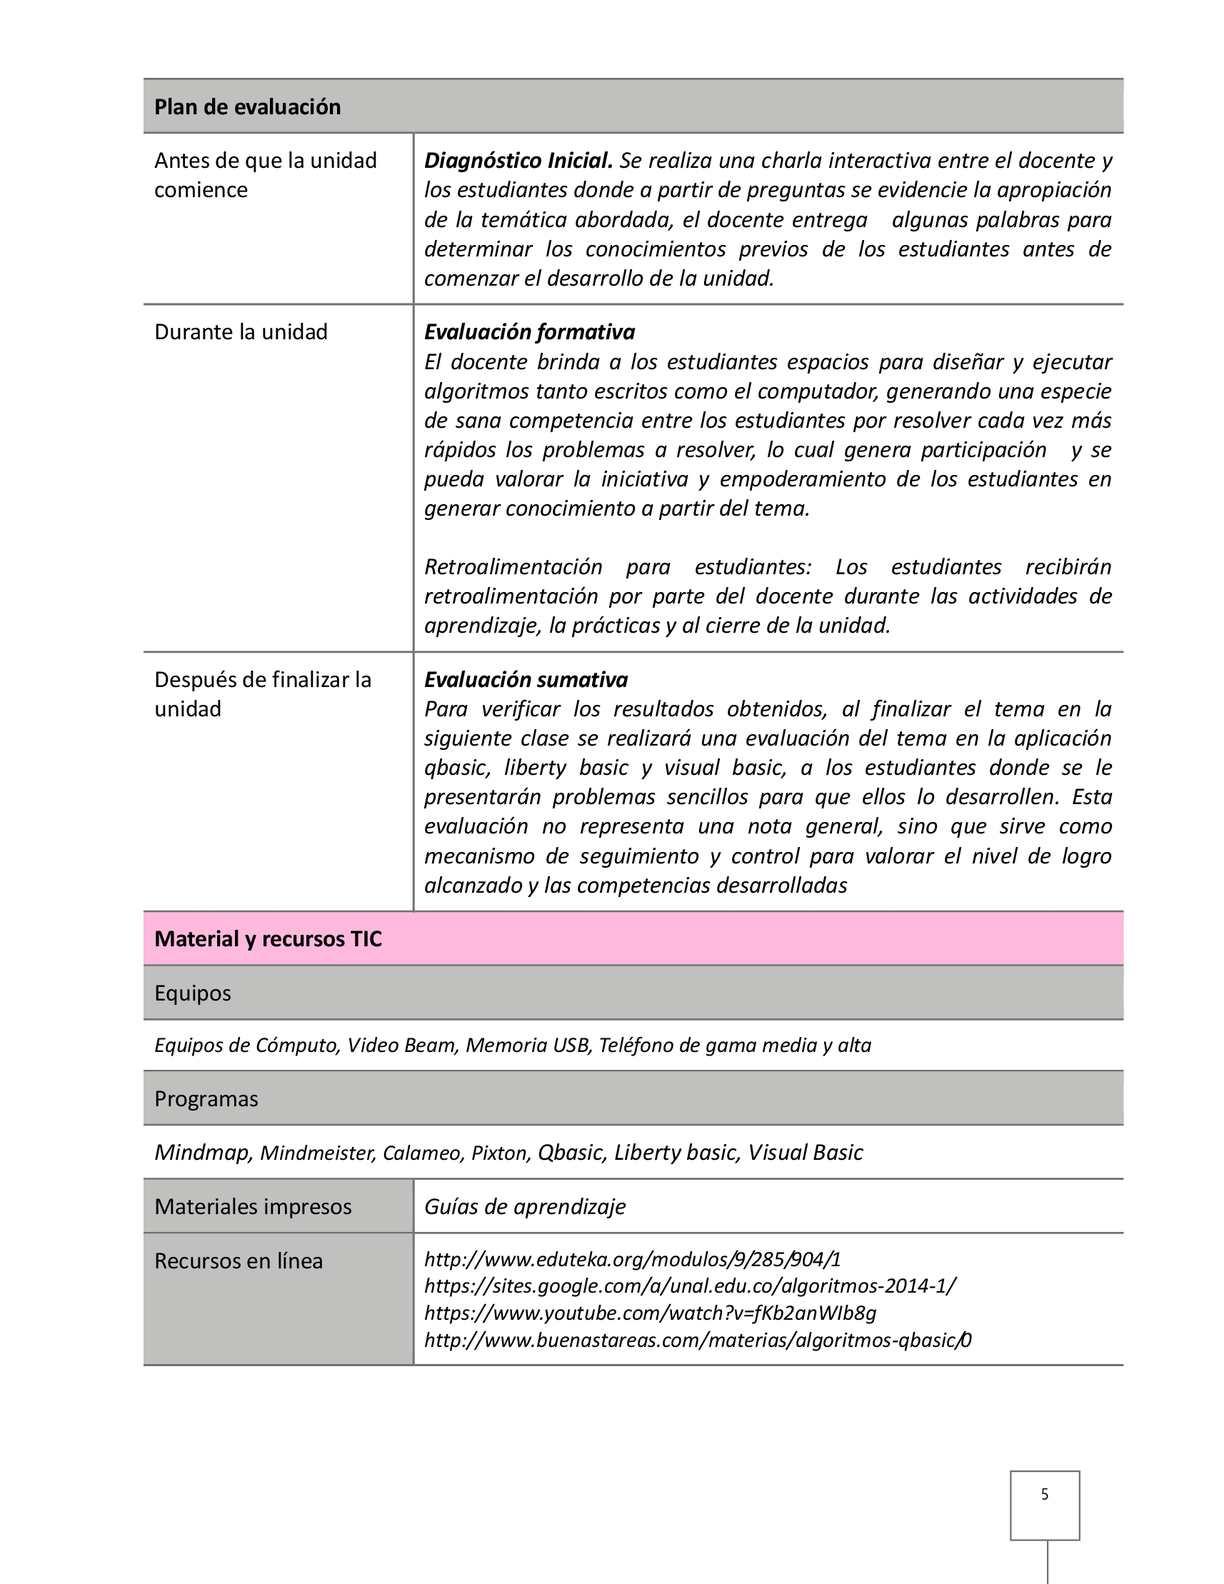 Plan de unidad didactica algoritmos calameo downloader page 5 ccuart Image collections